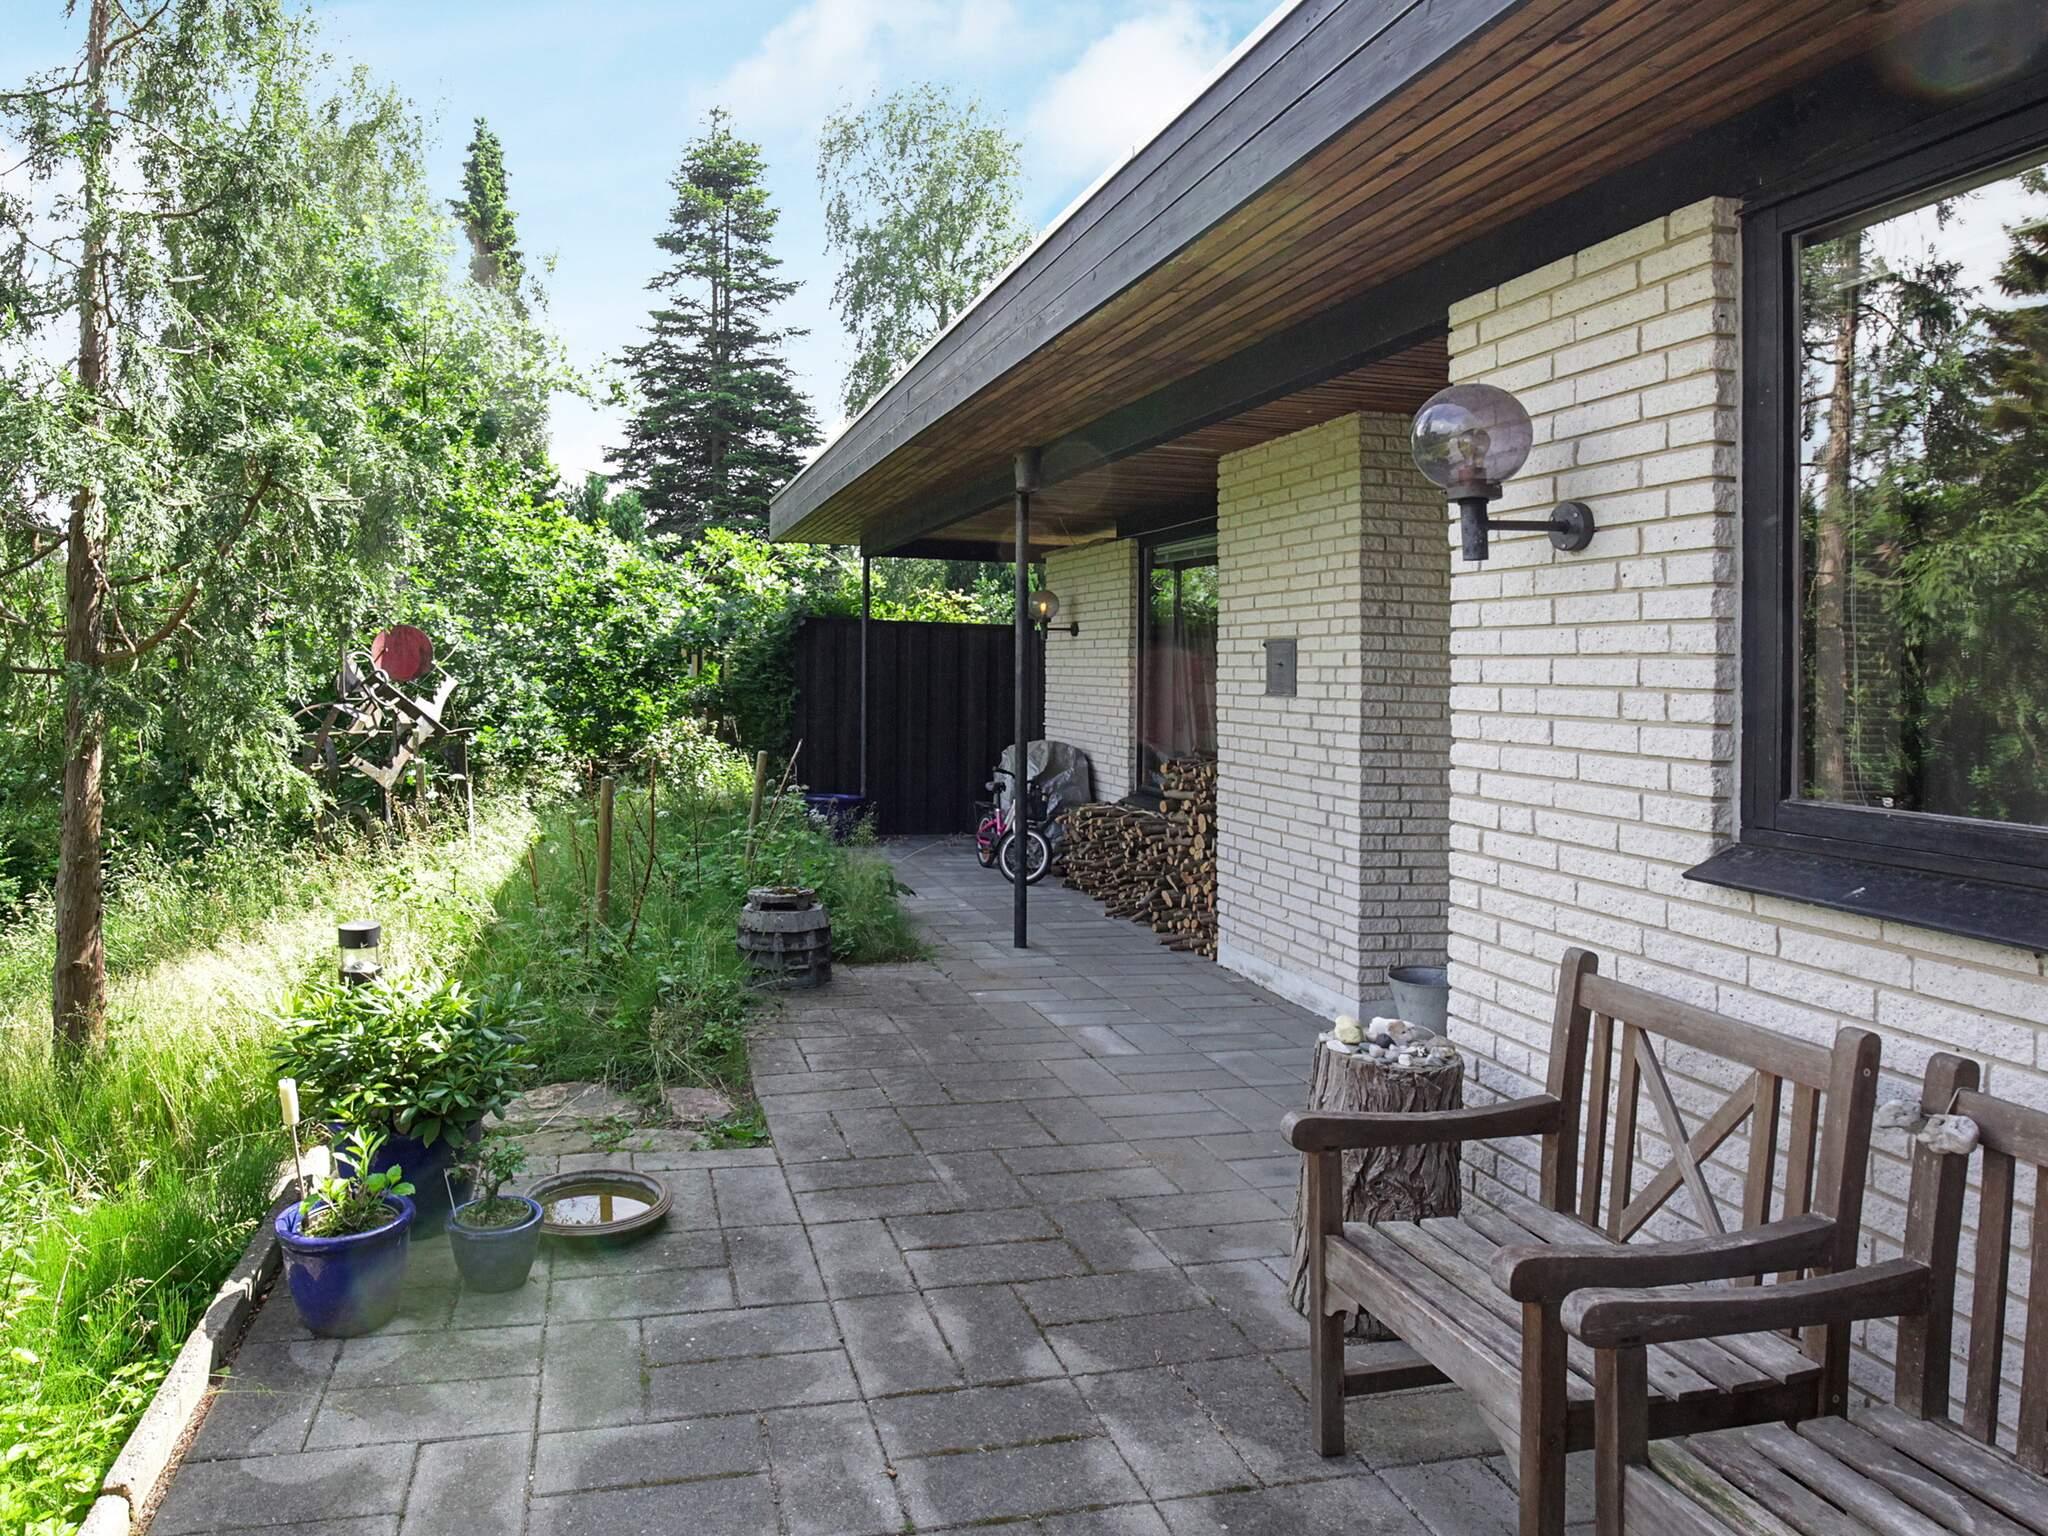 Ferienhaus Rågeleje (2628463), Rågeleje, , Nordseeland, Dänemark, Bild 18